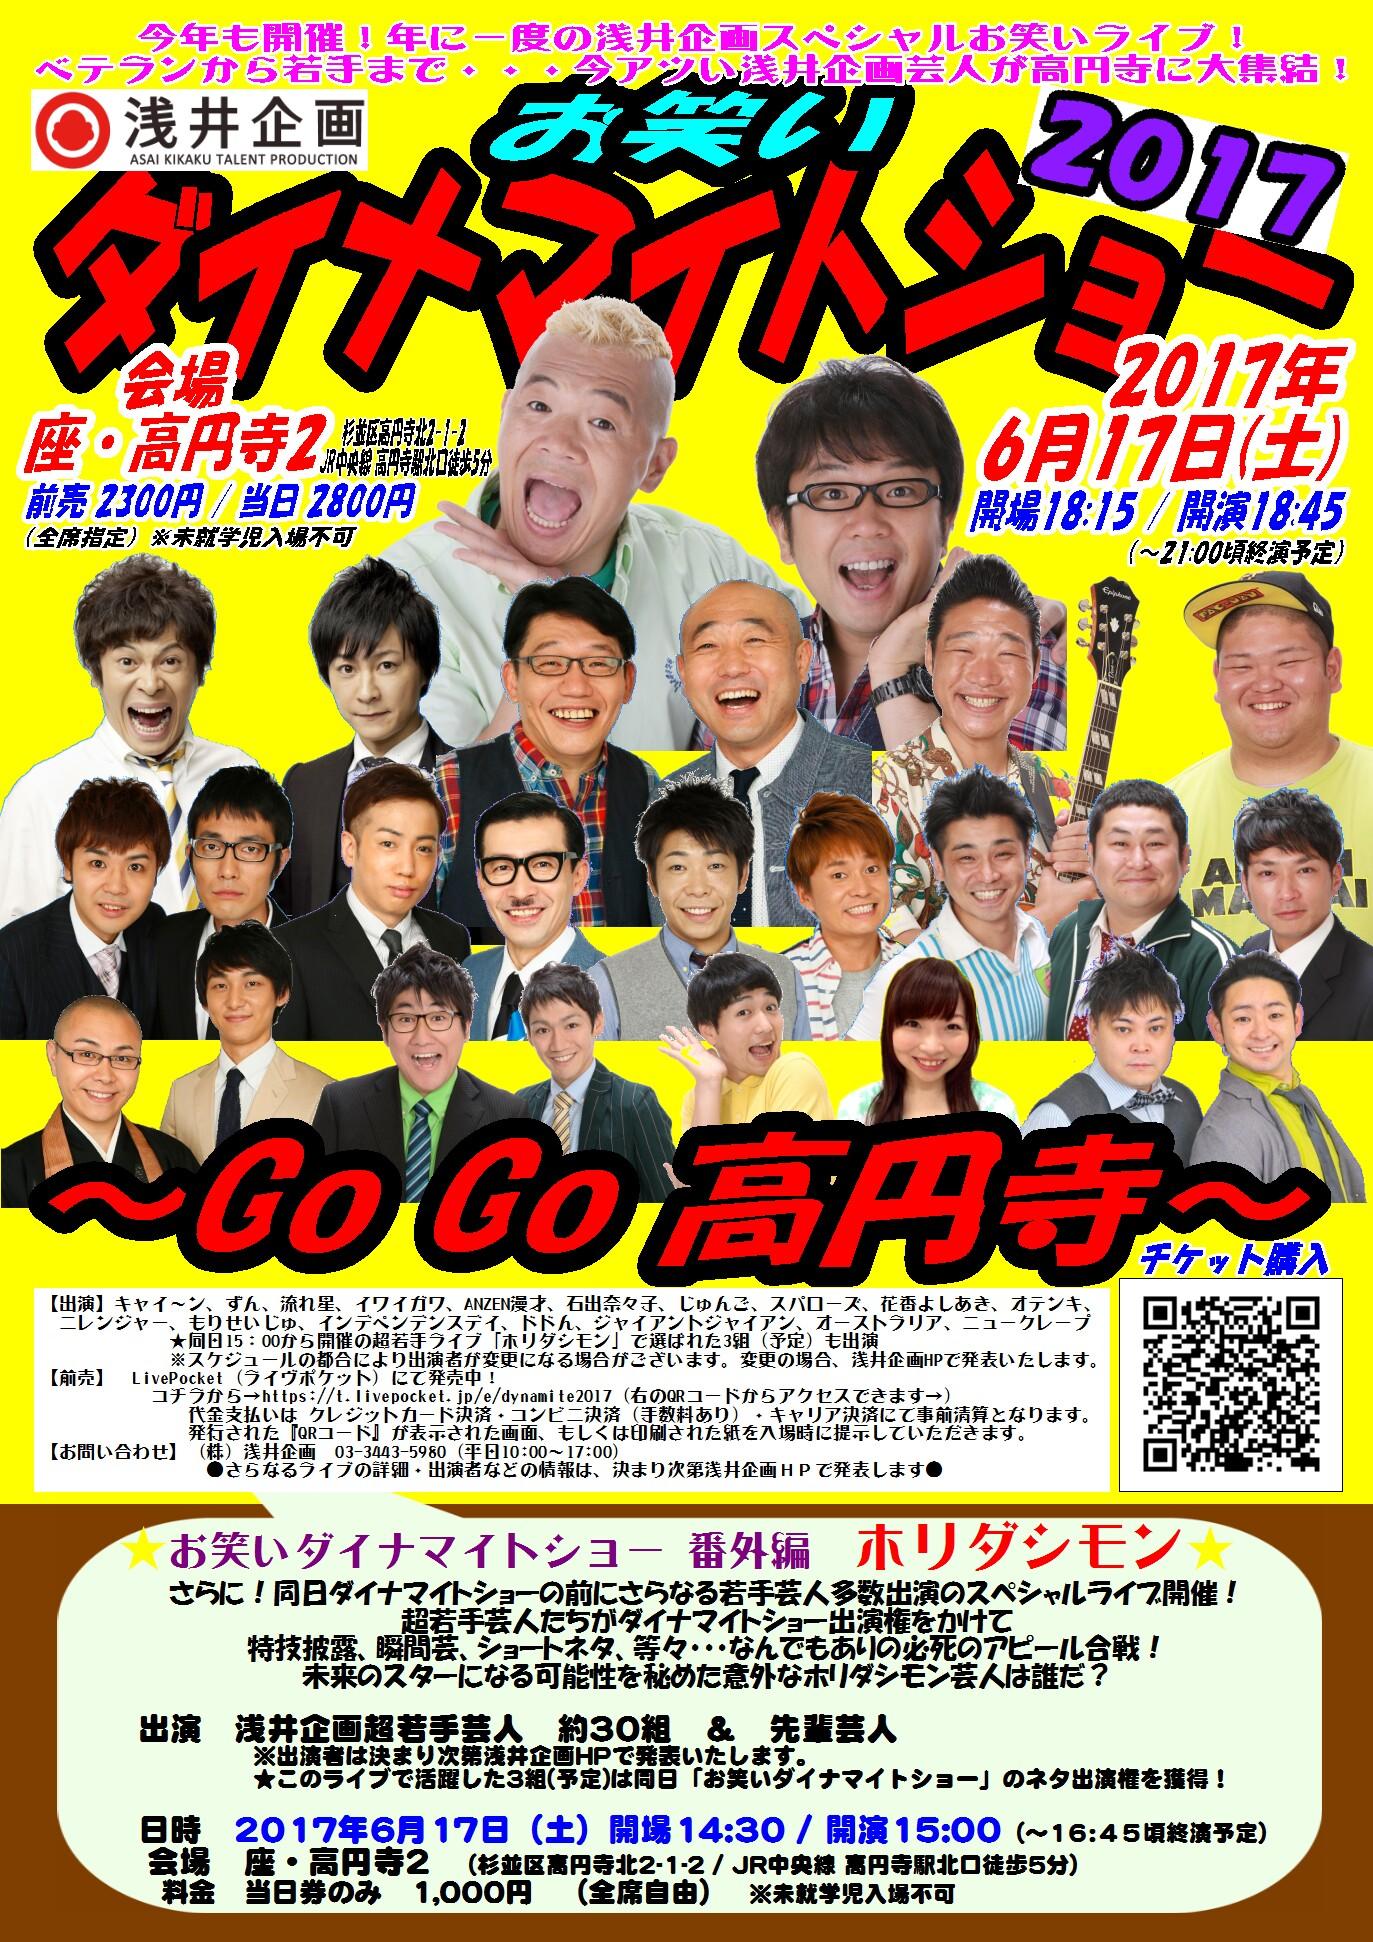 浅井企画 お笑いダイナマイトショー2017 ~Go Go 高円寺~